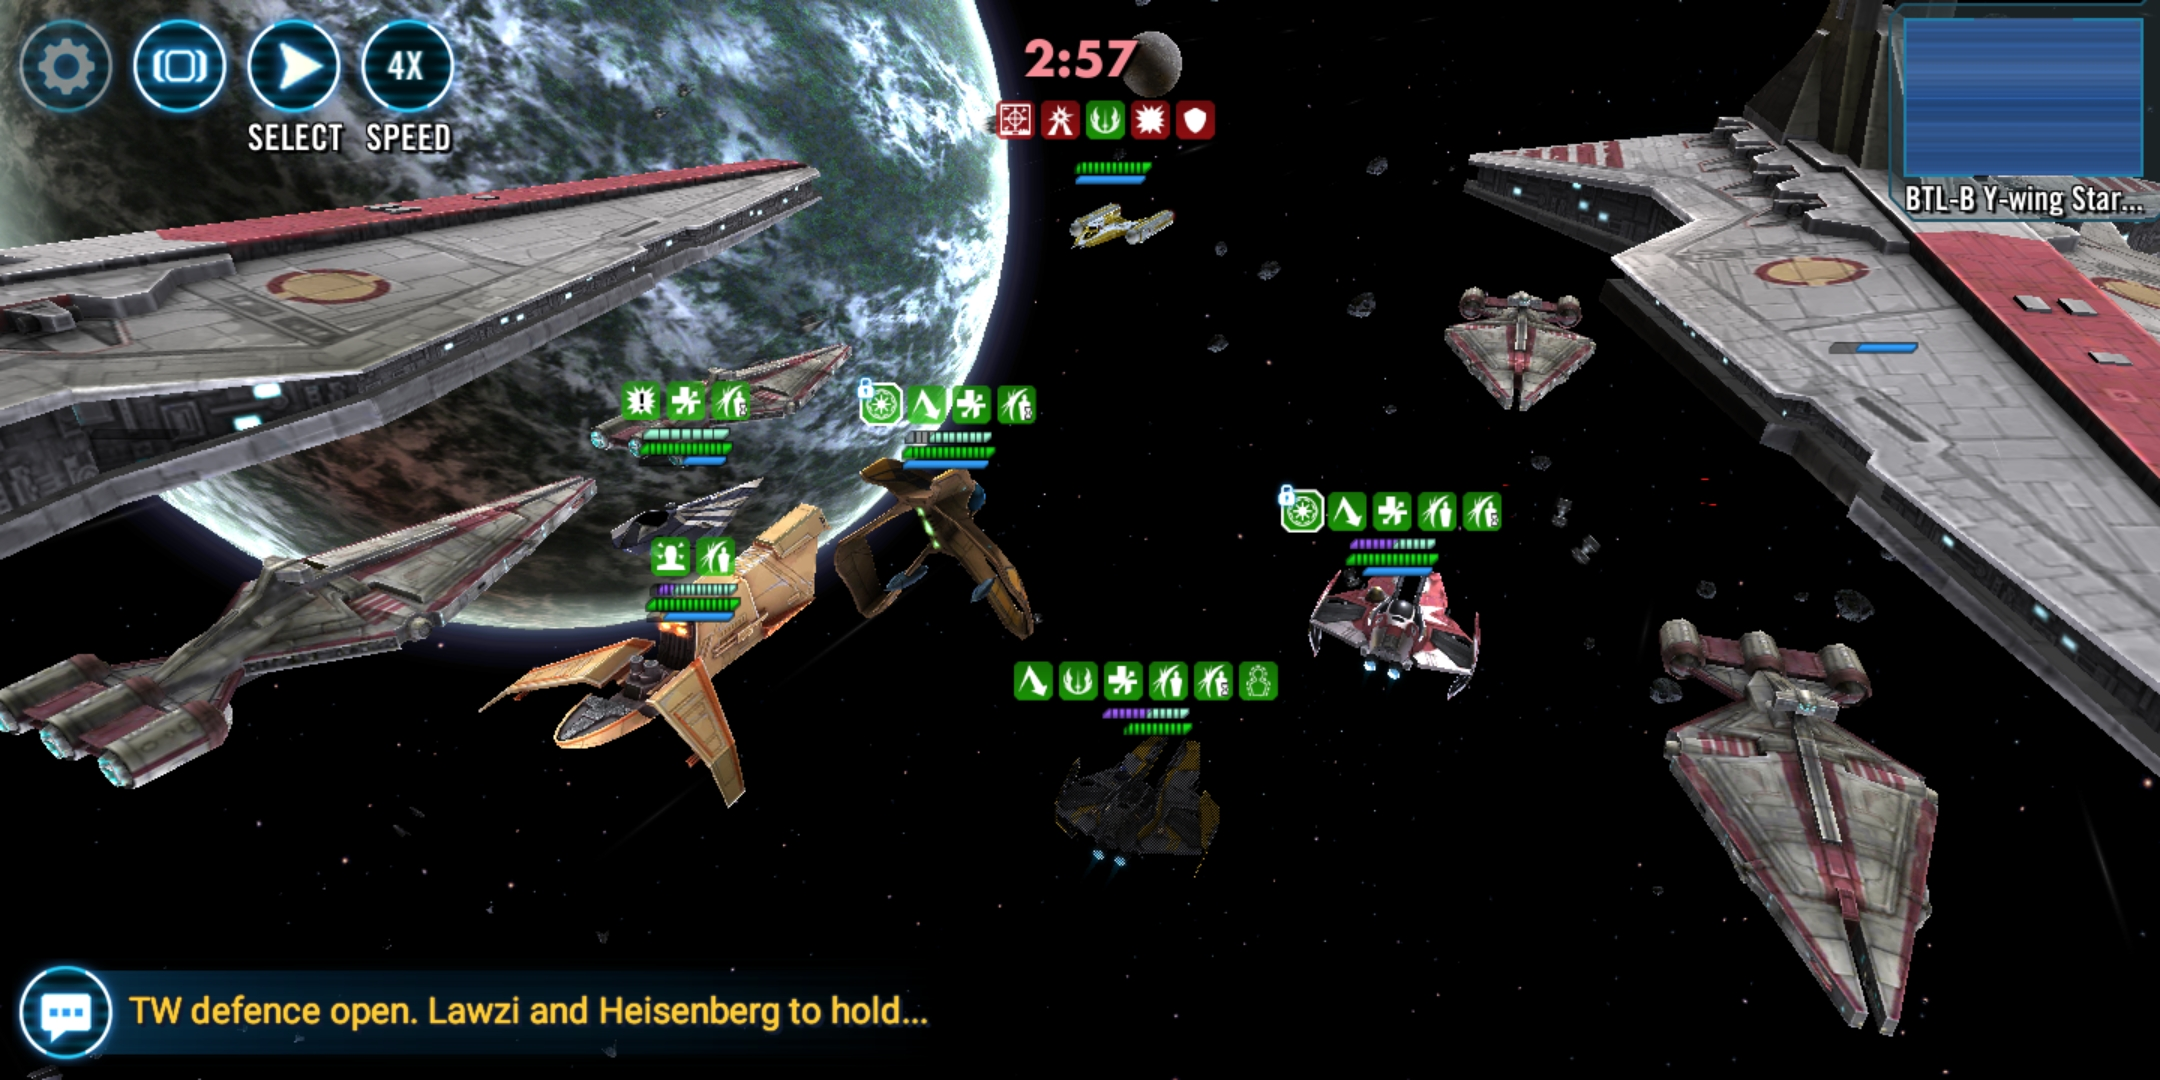 Screenshot_20201109_203202_com.ea.game.starwarscapital_row.jpg